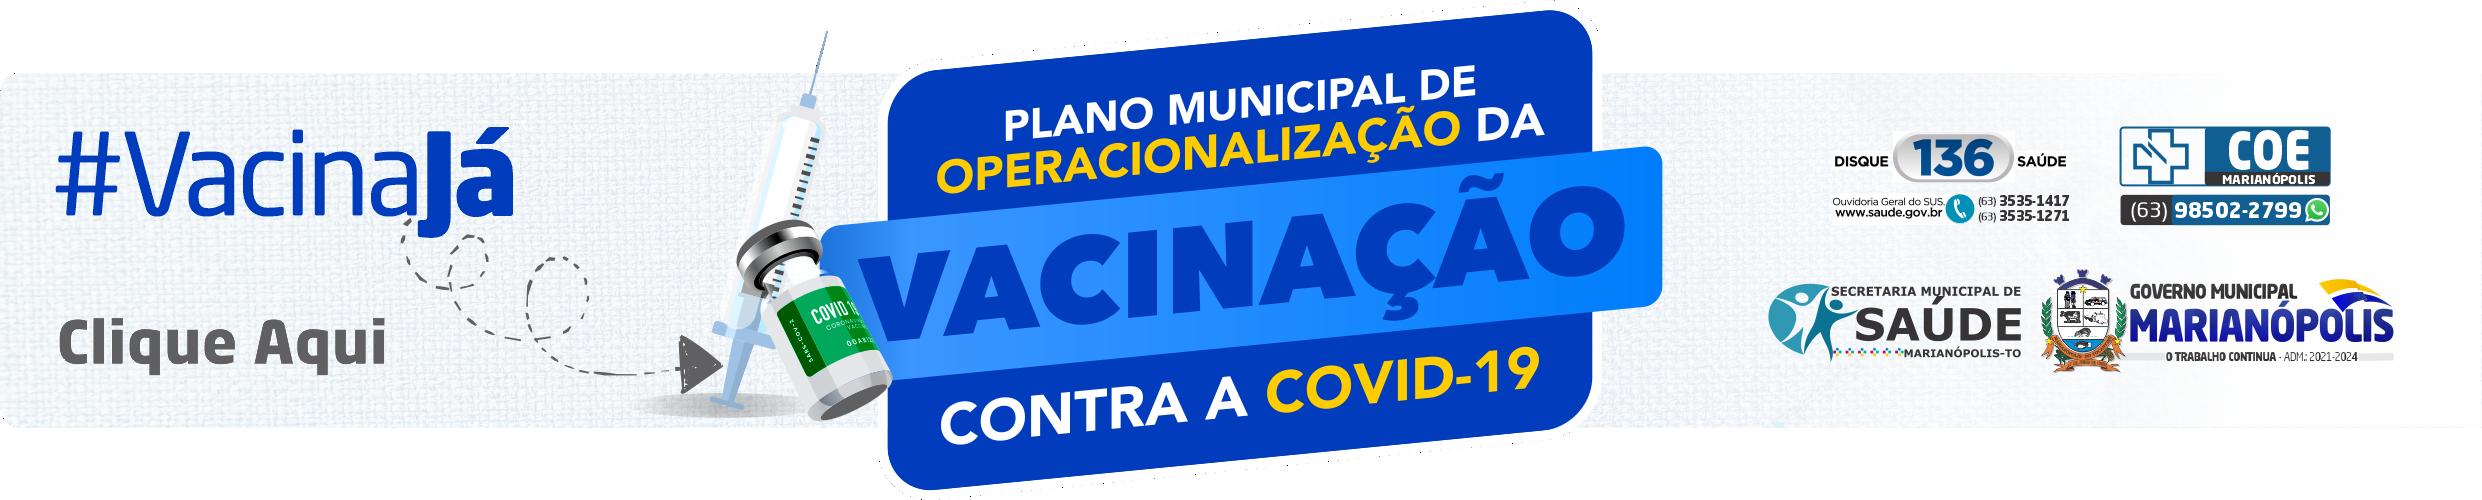 Plano Municipal de Operacionalização da Vacinação contra a Covid-19